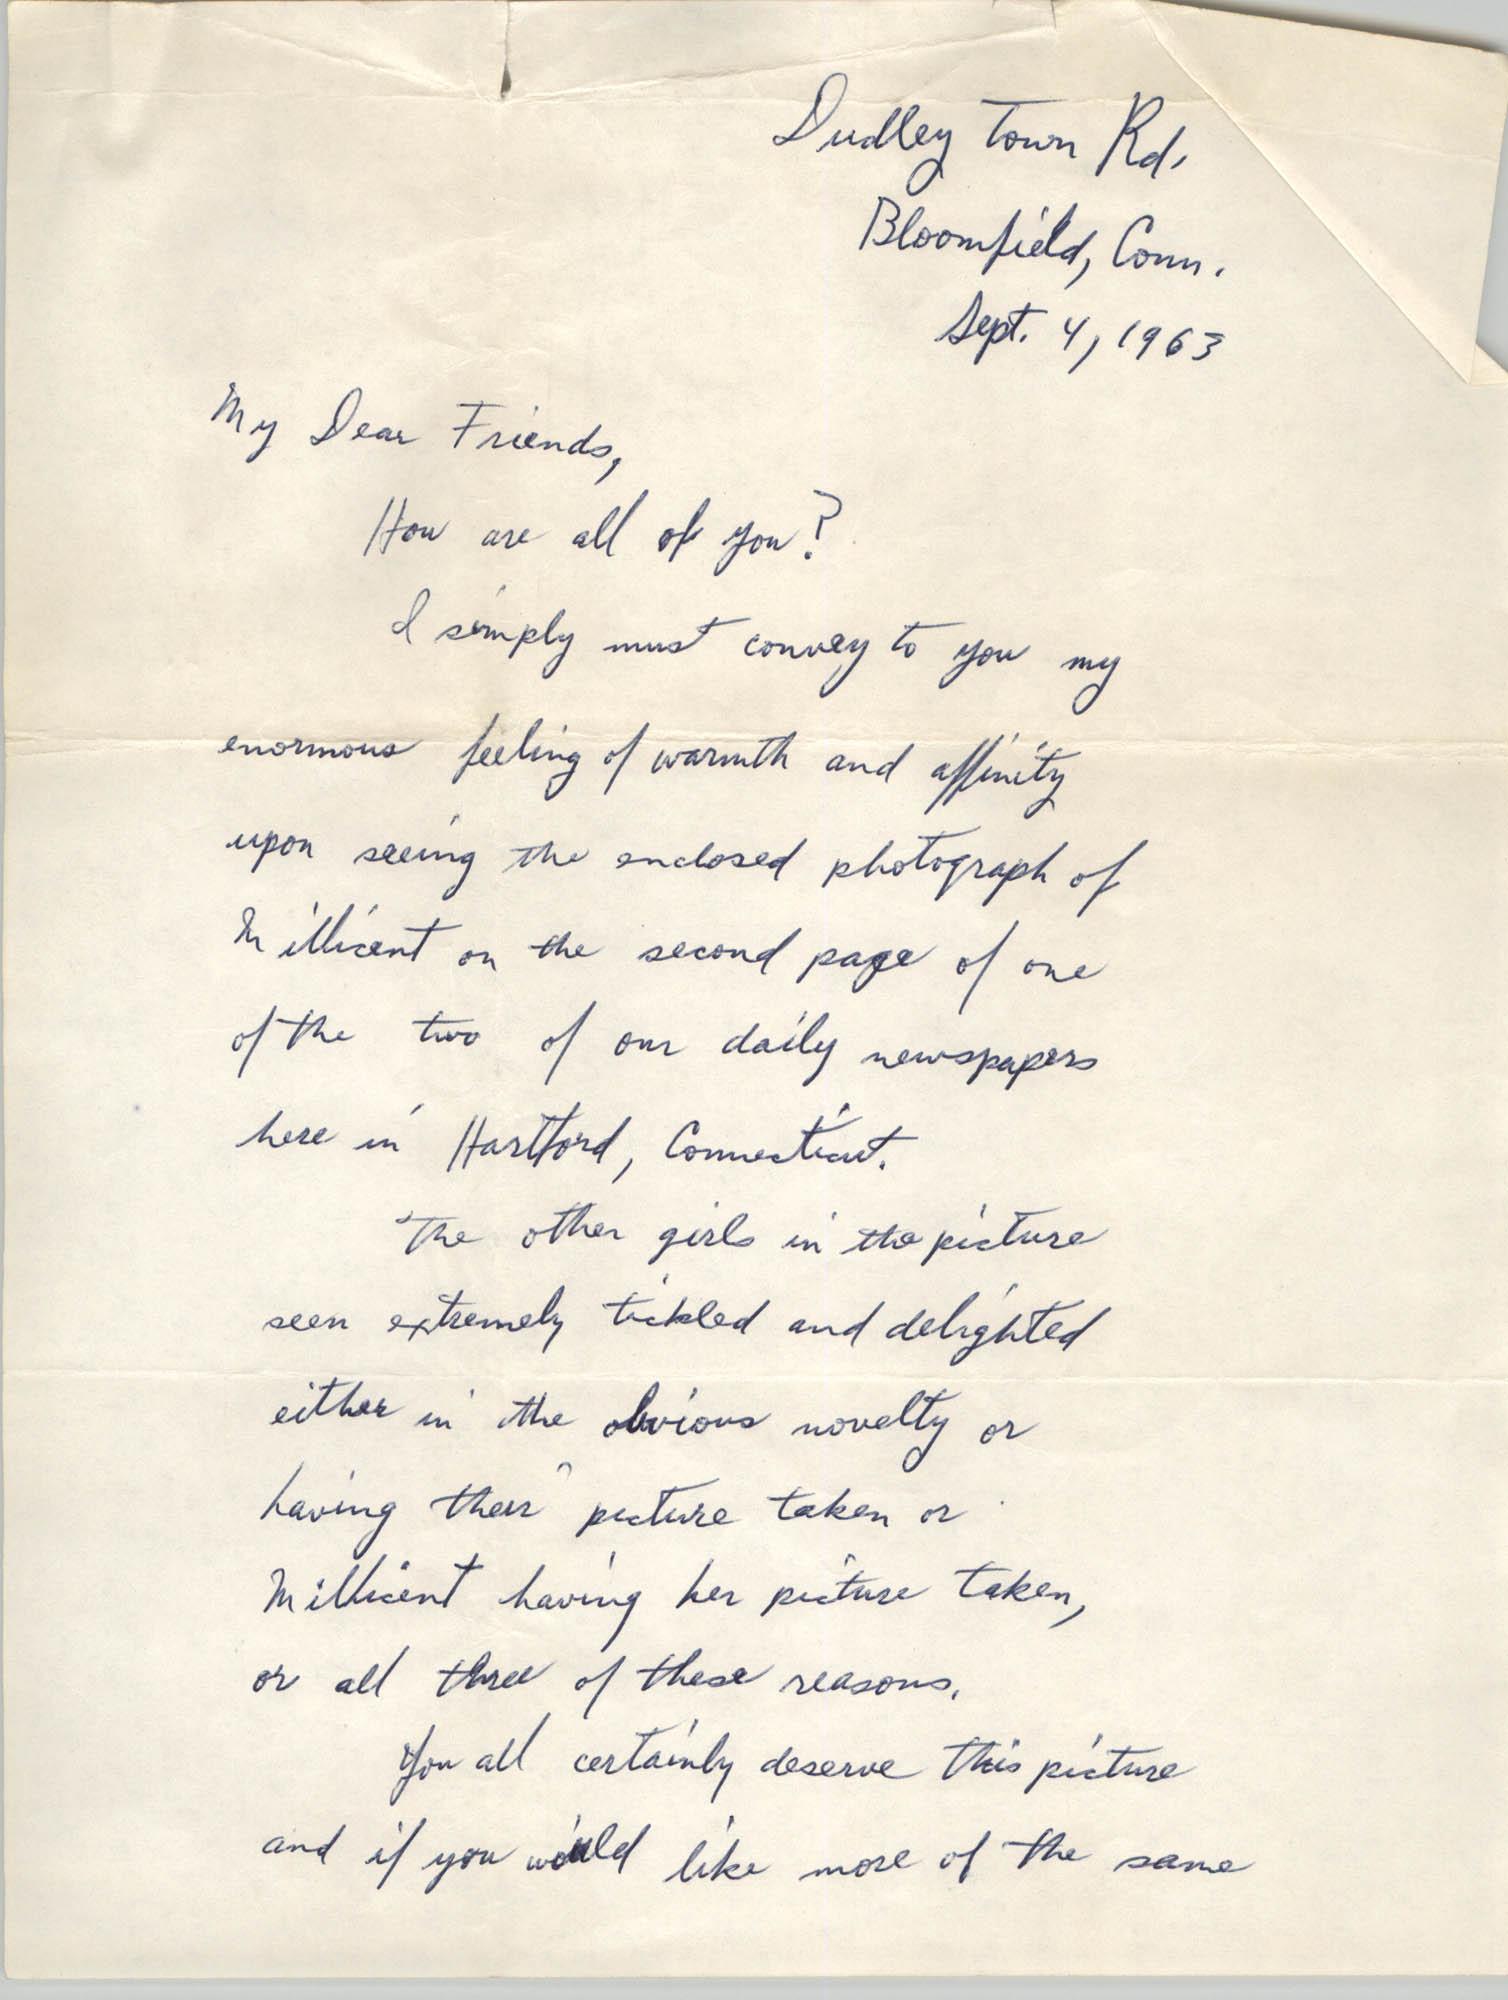 Letter from Leonard King, September 4, 1963